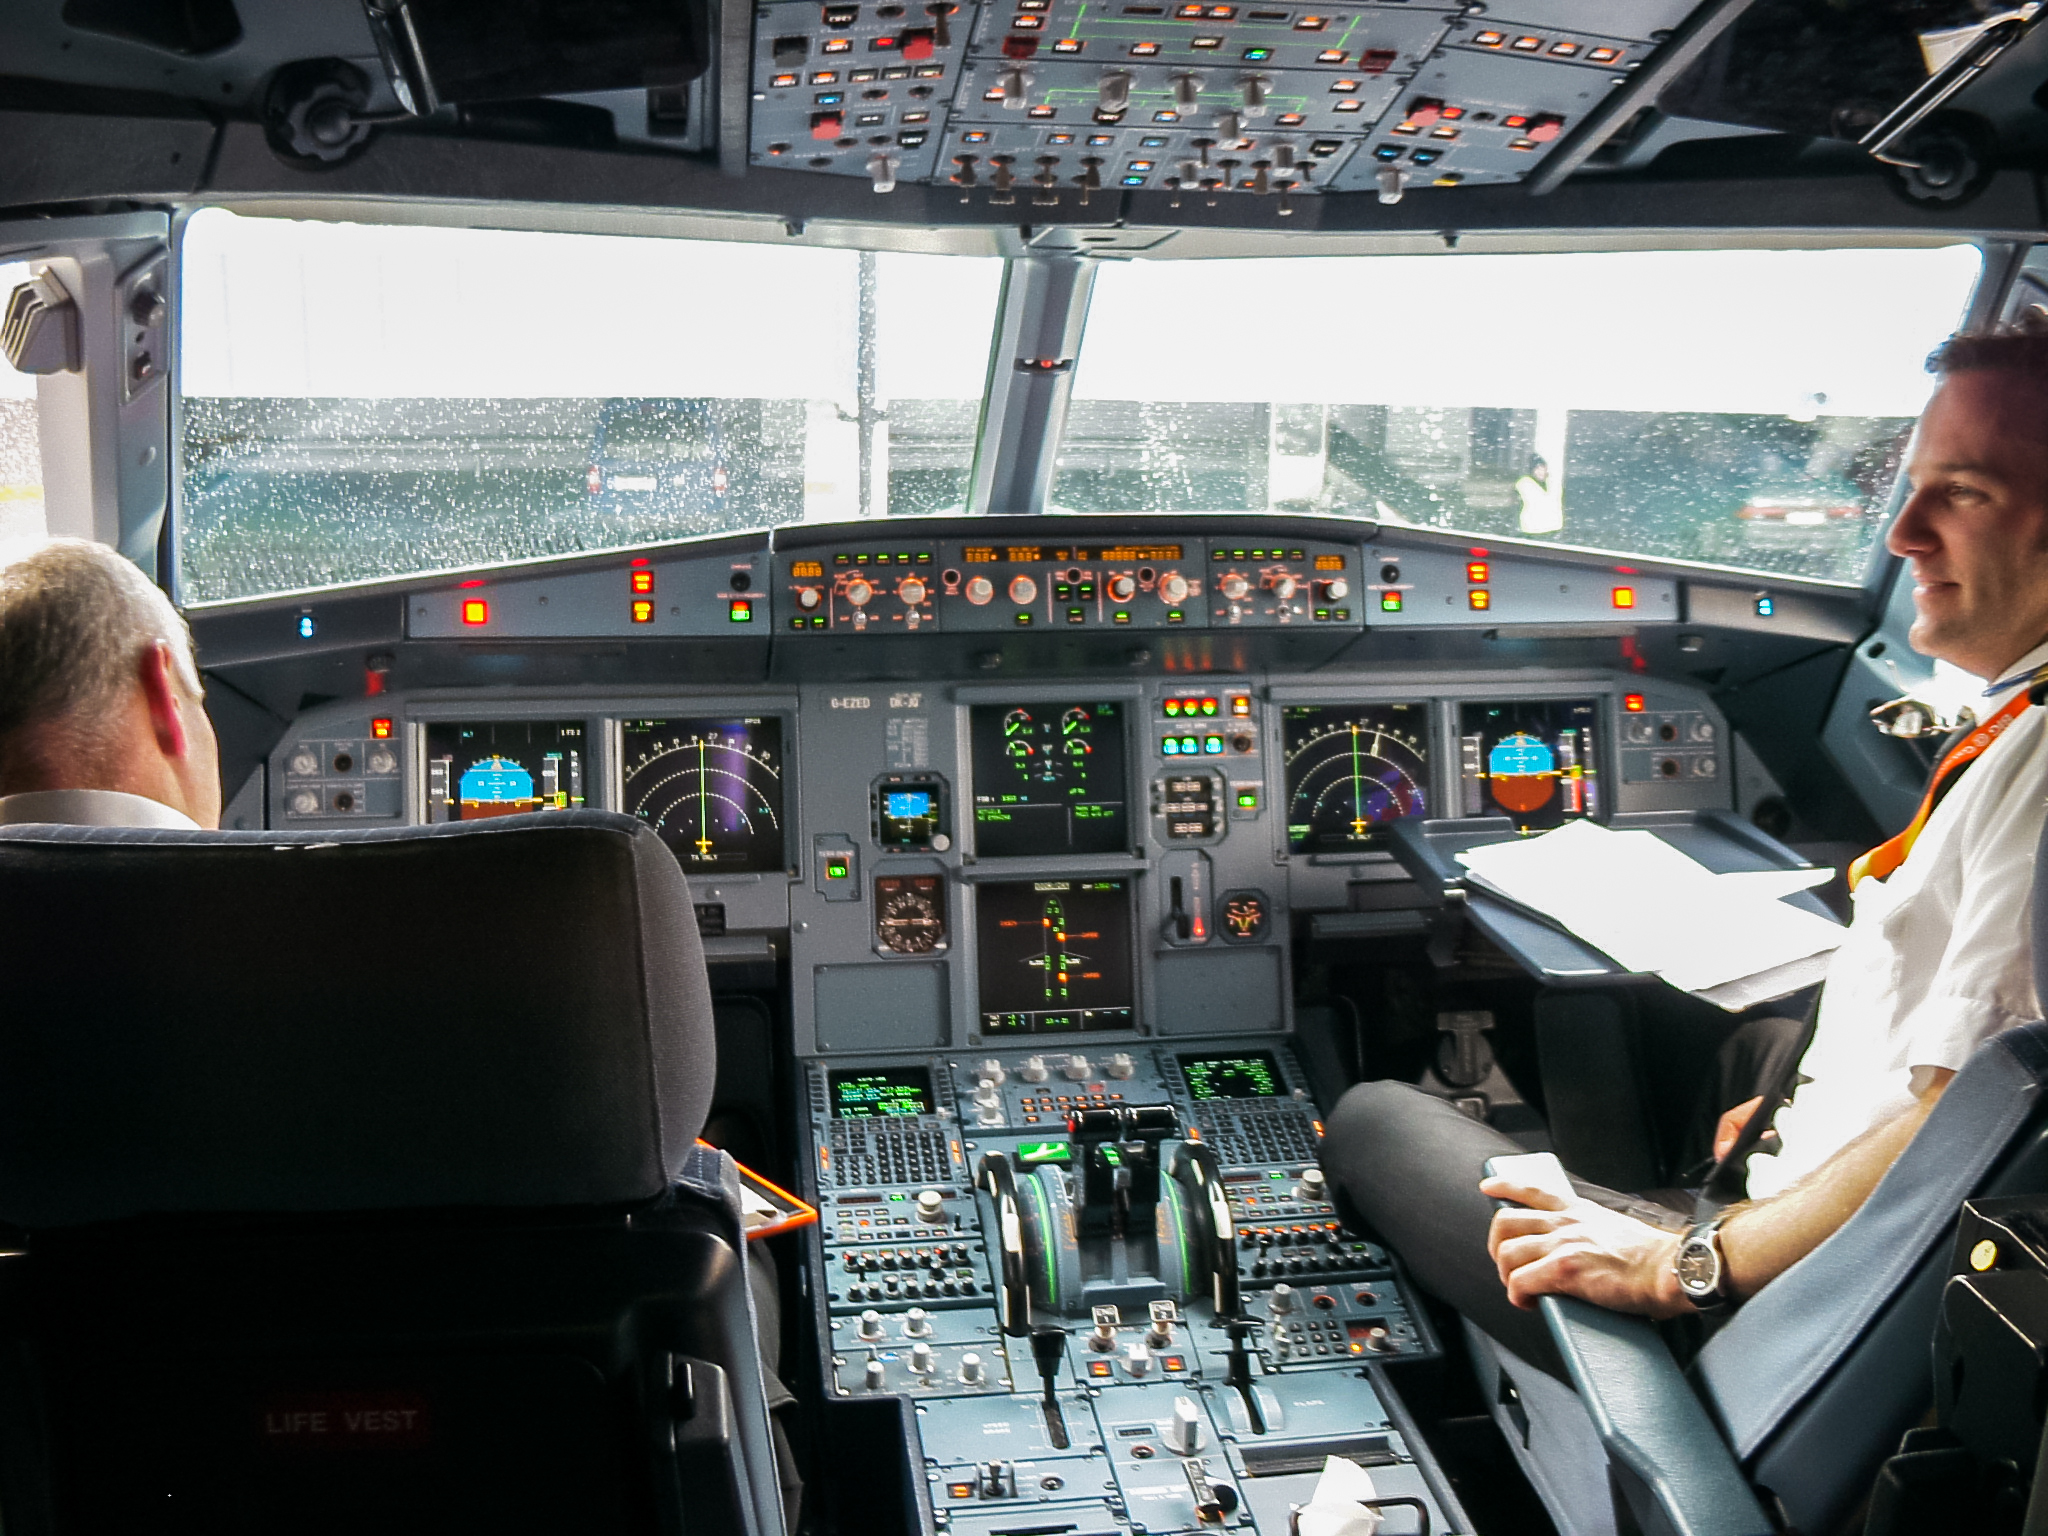 Airbus-319-cockpit